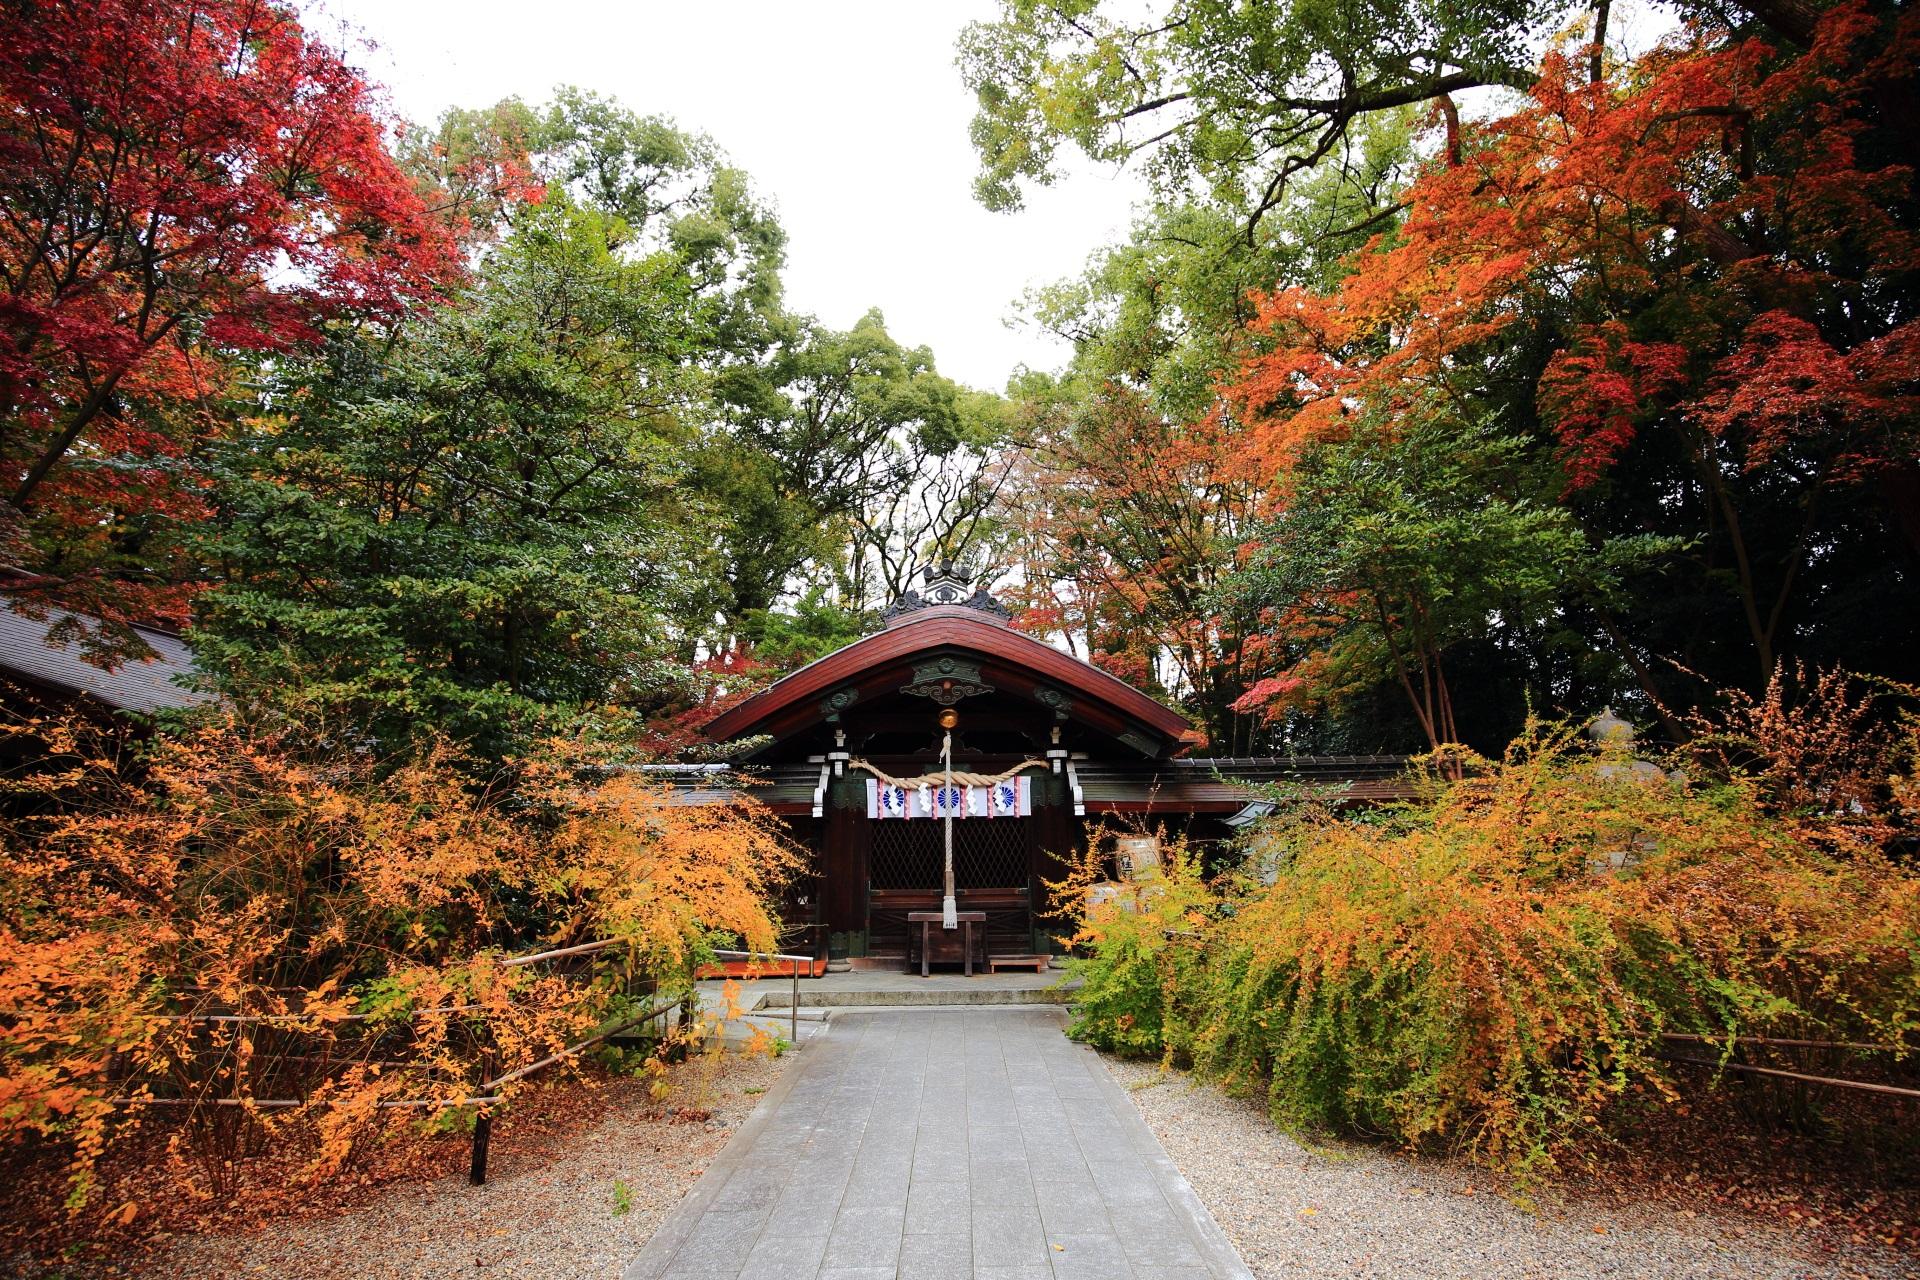 梨木神社の秋色に染まる中門と奥の本殿